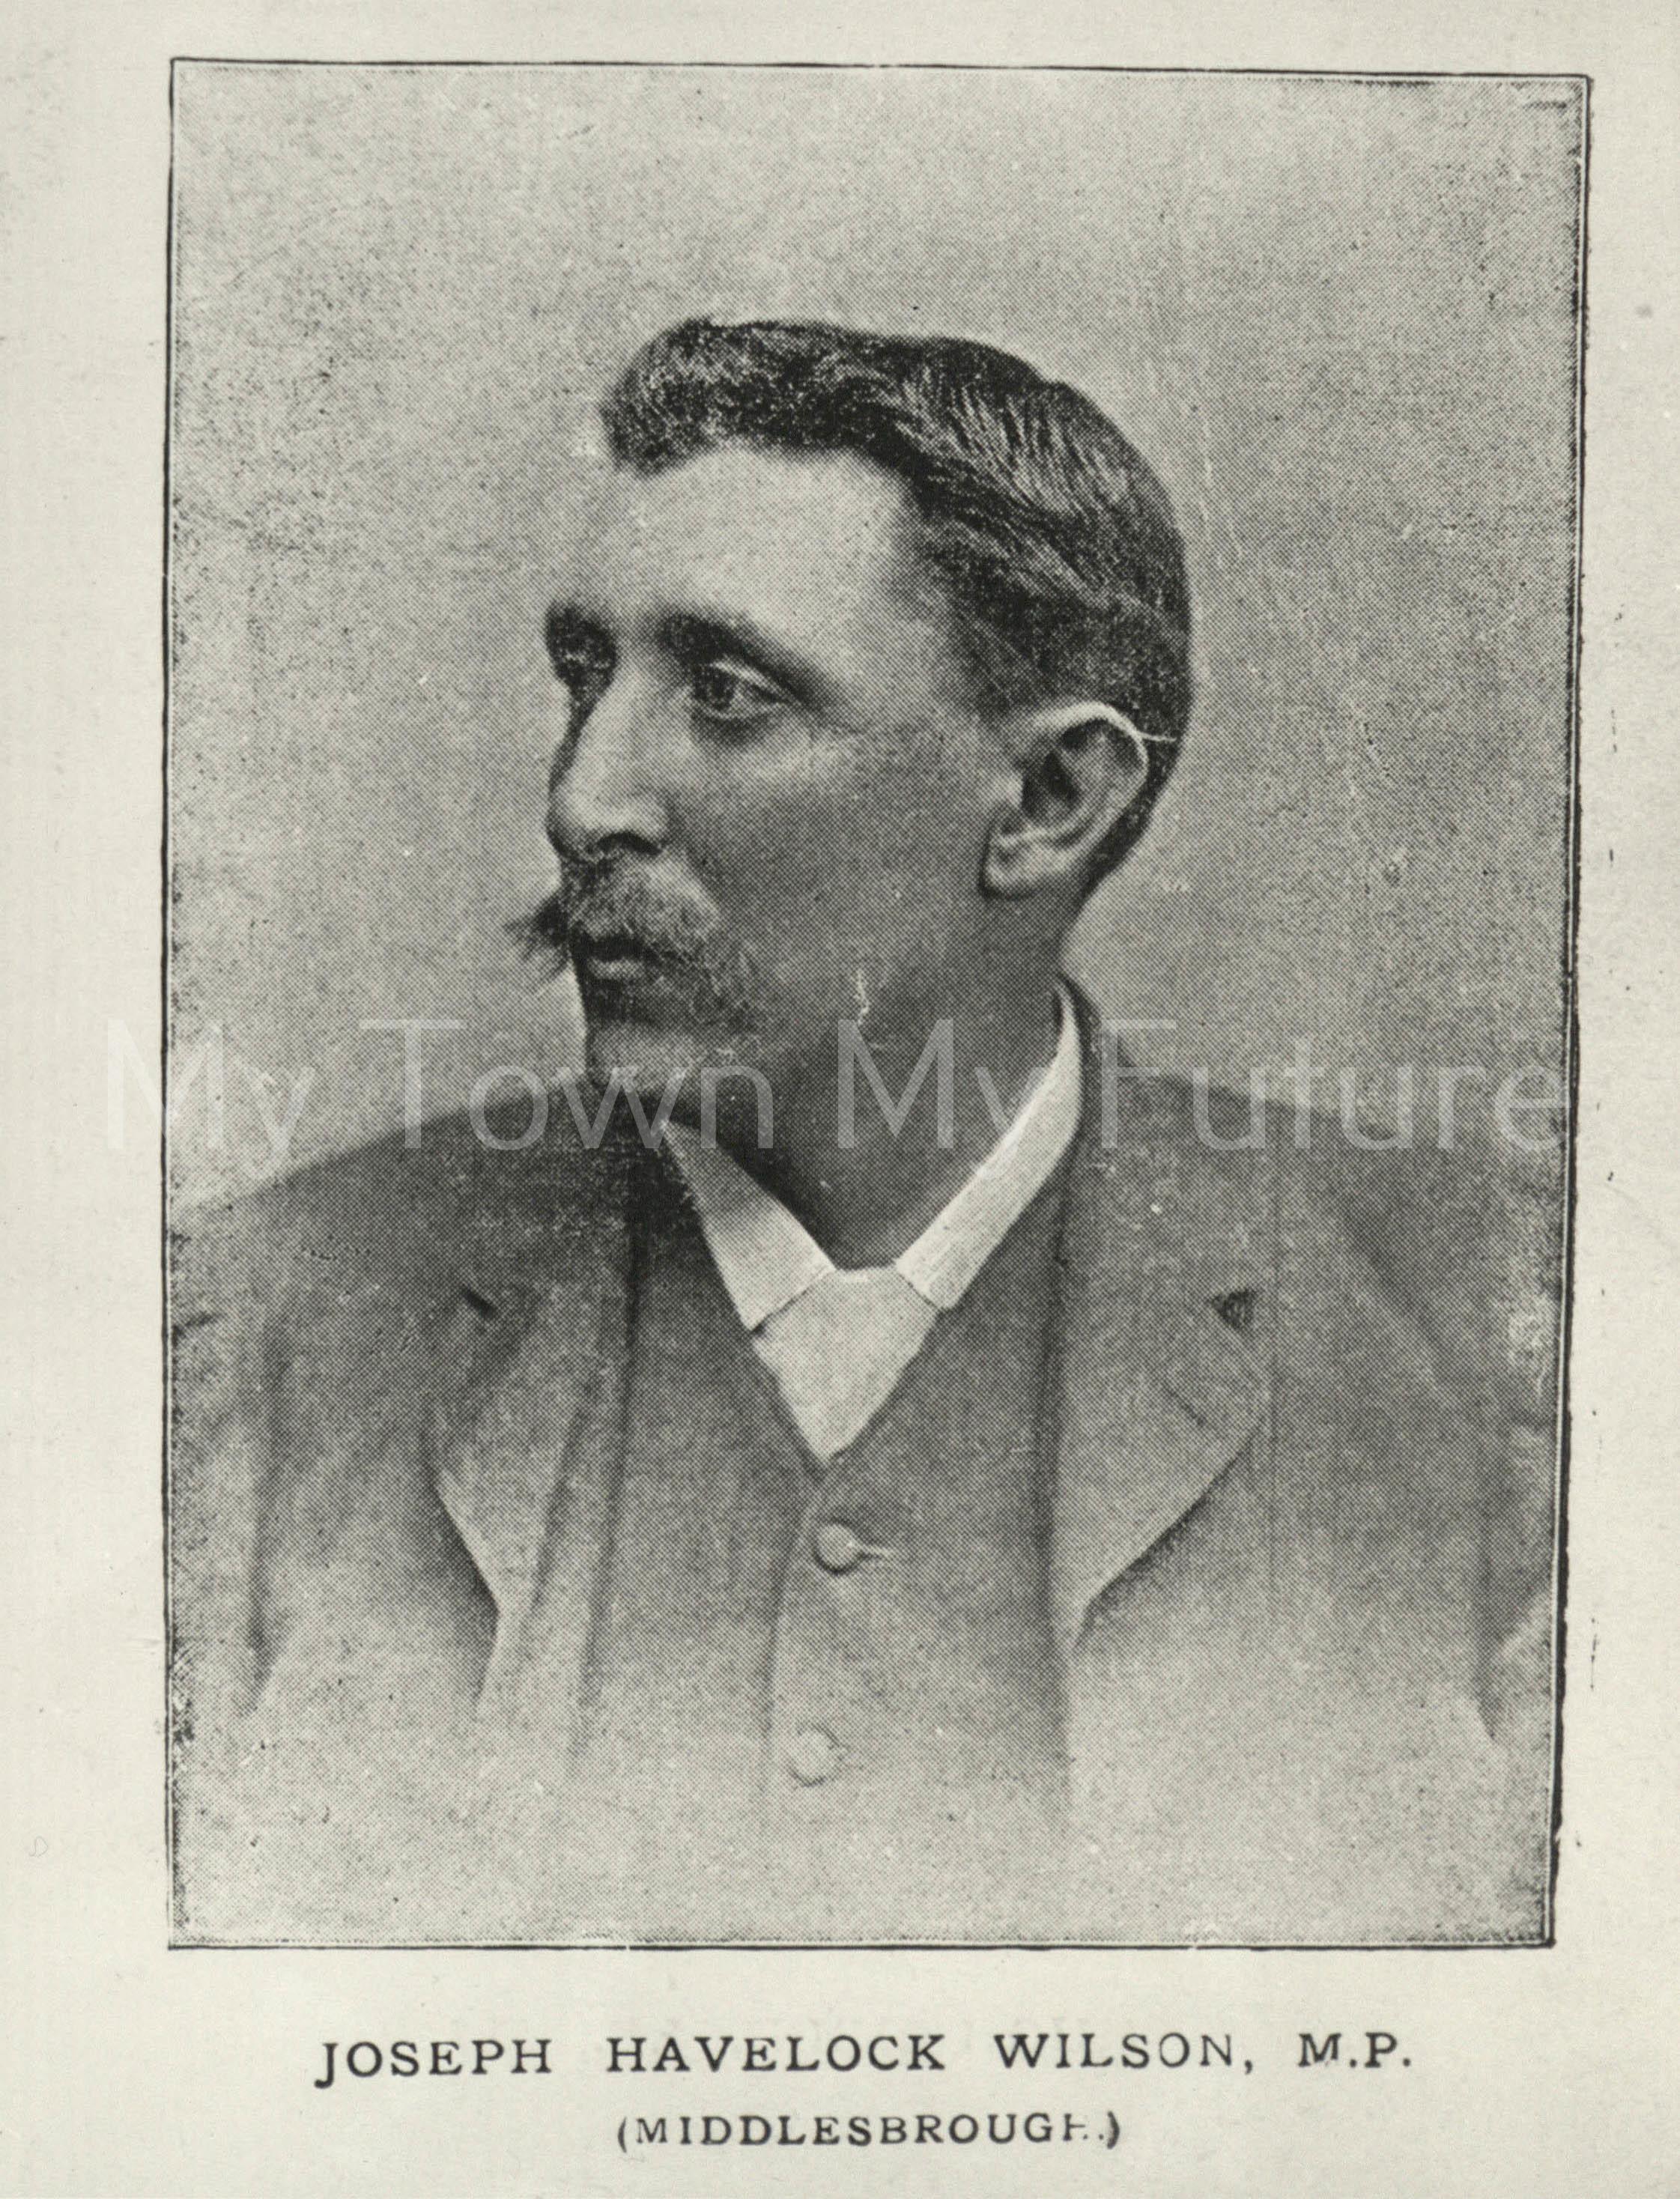 Joseph Havelock Wilson M.P.